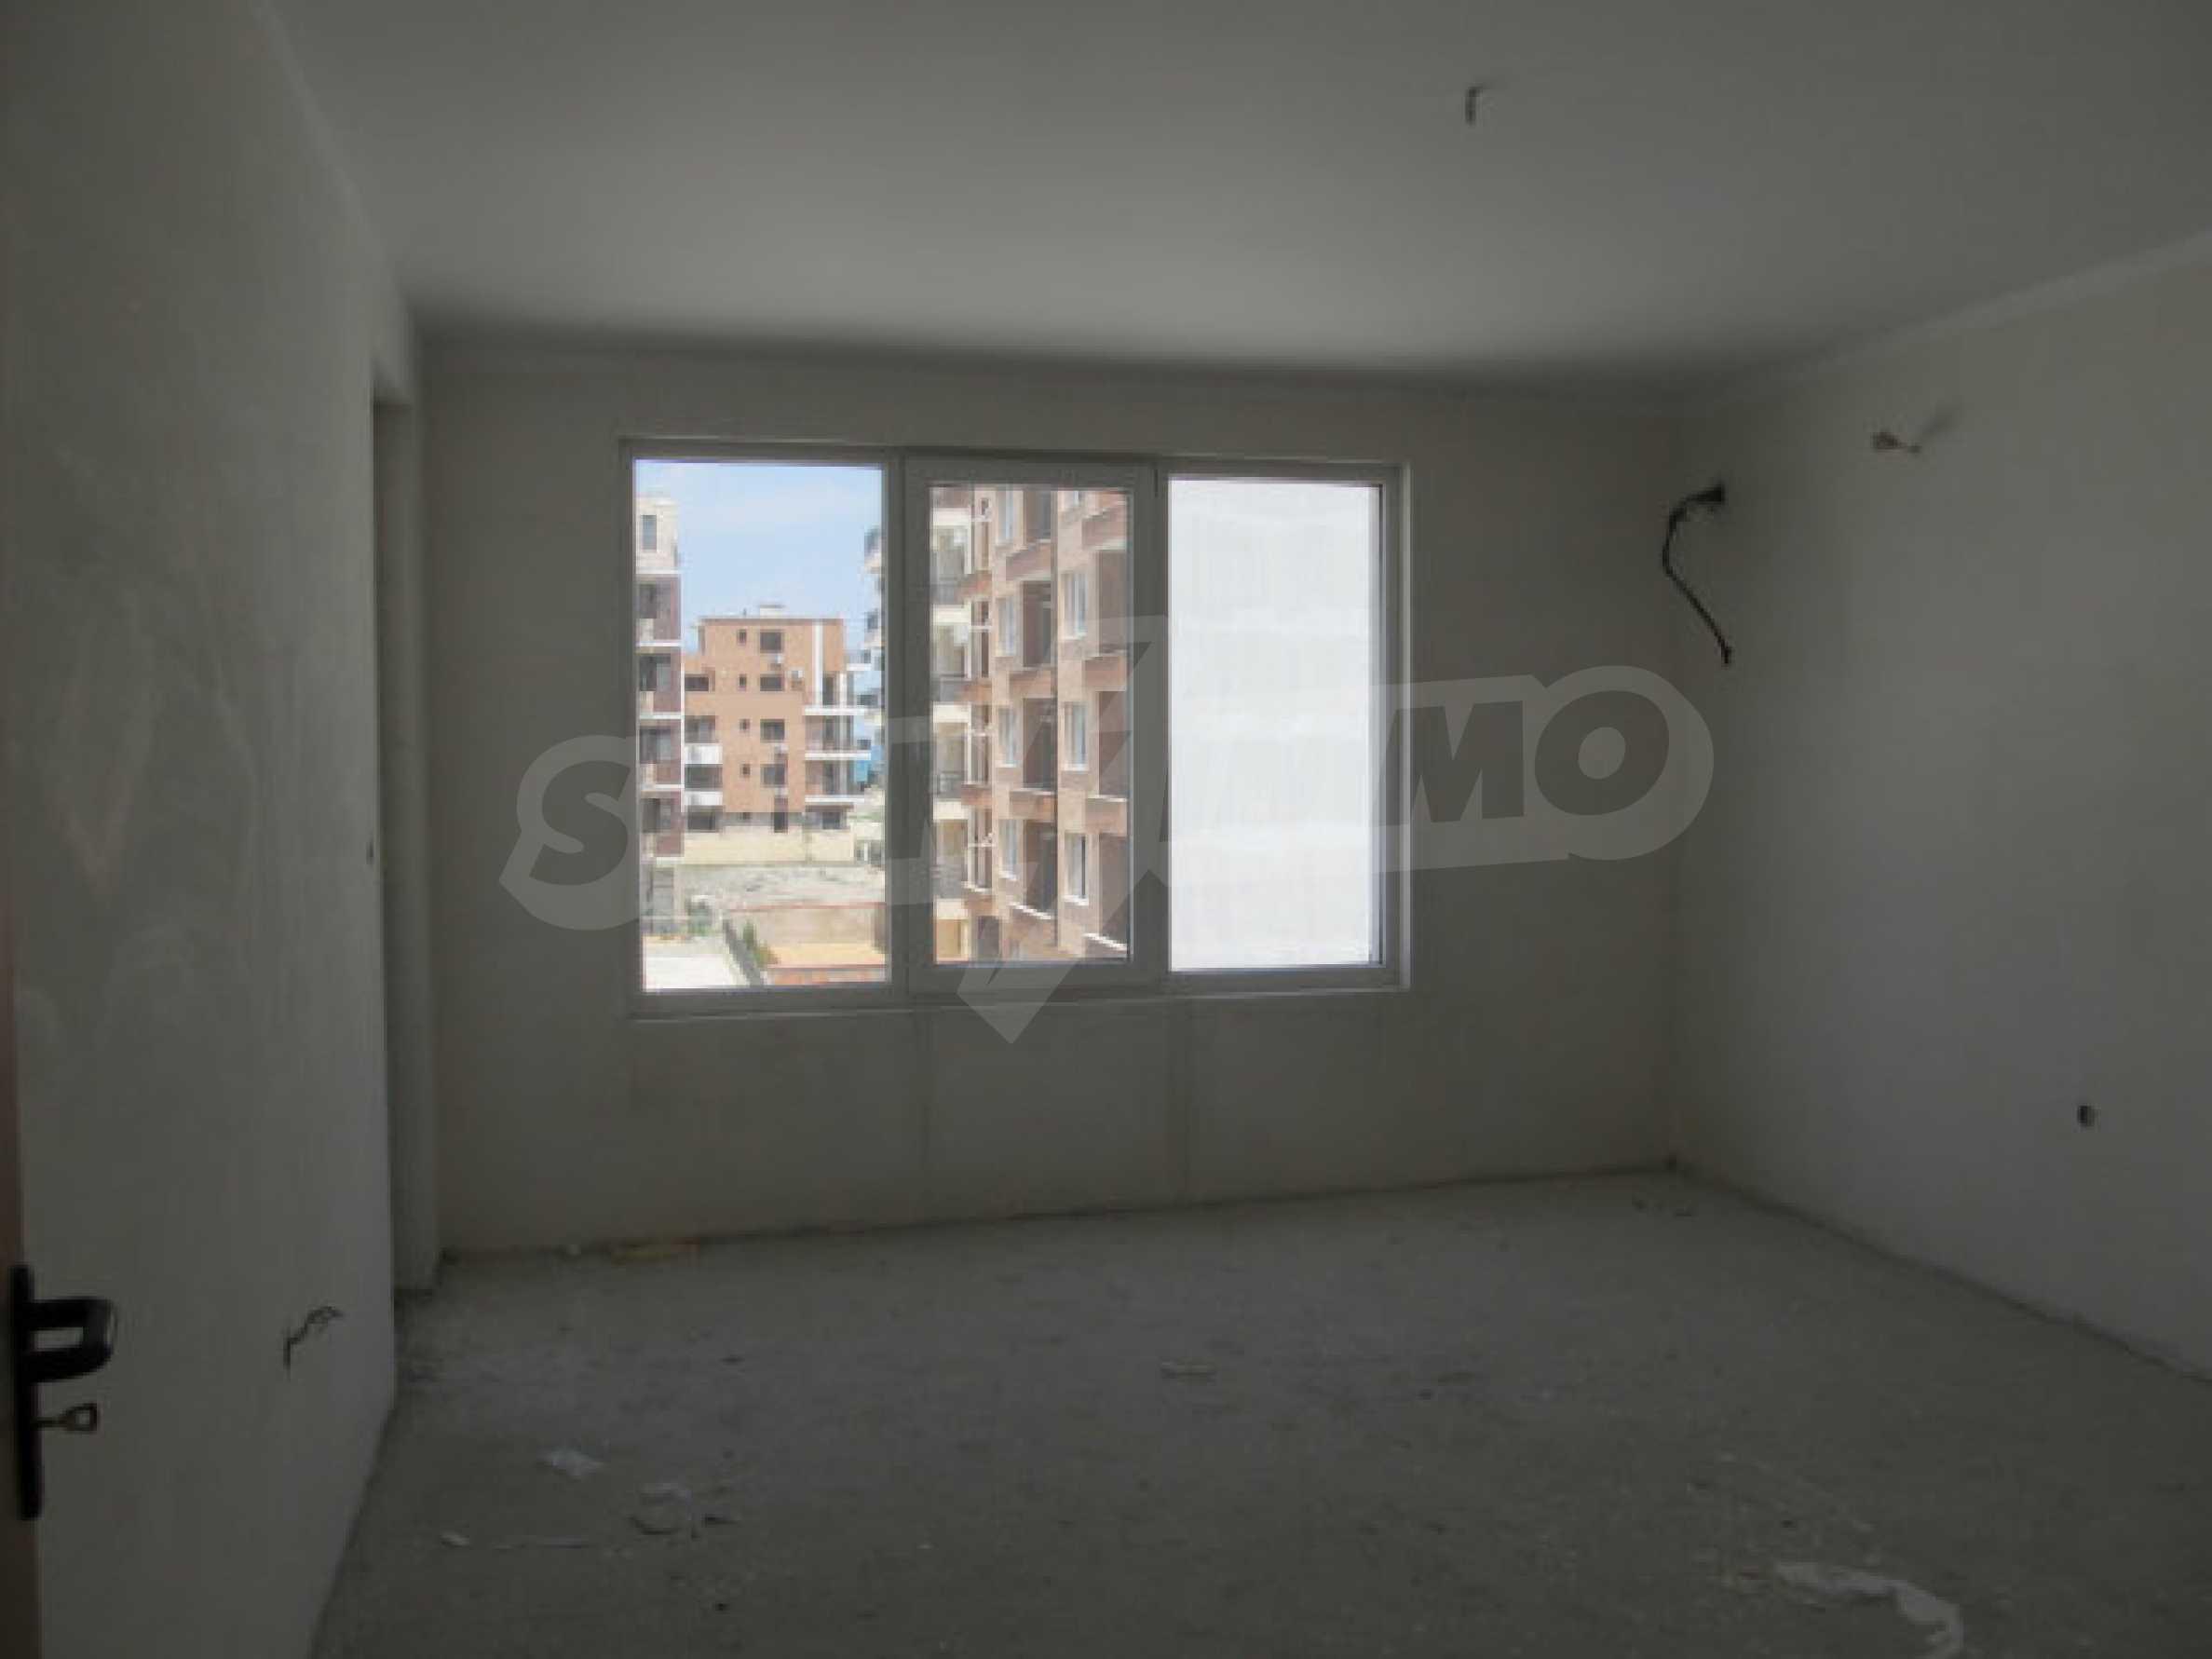 Wohnungen zum Verkauf in Pomorie 16